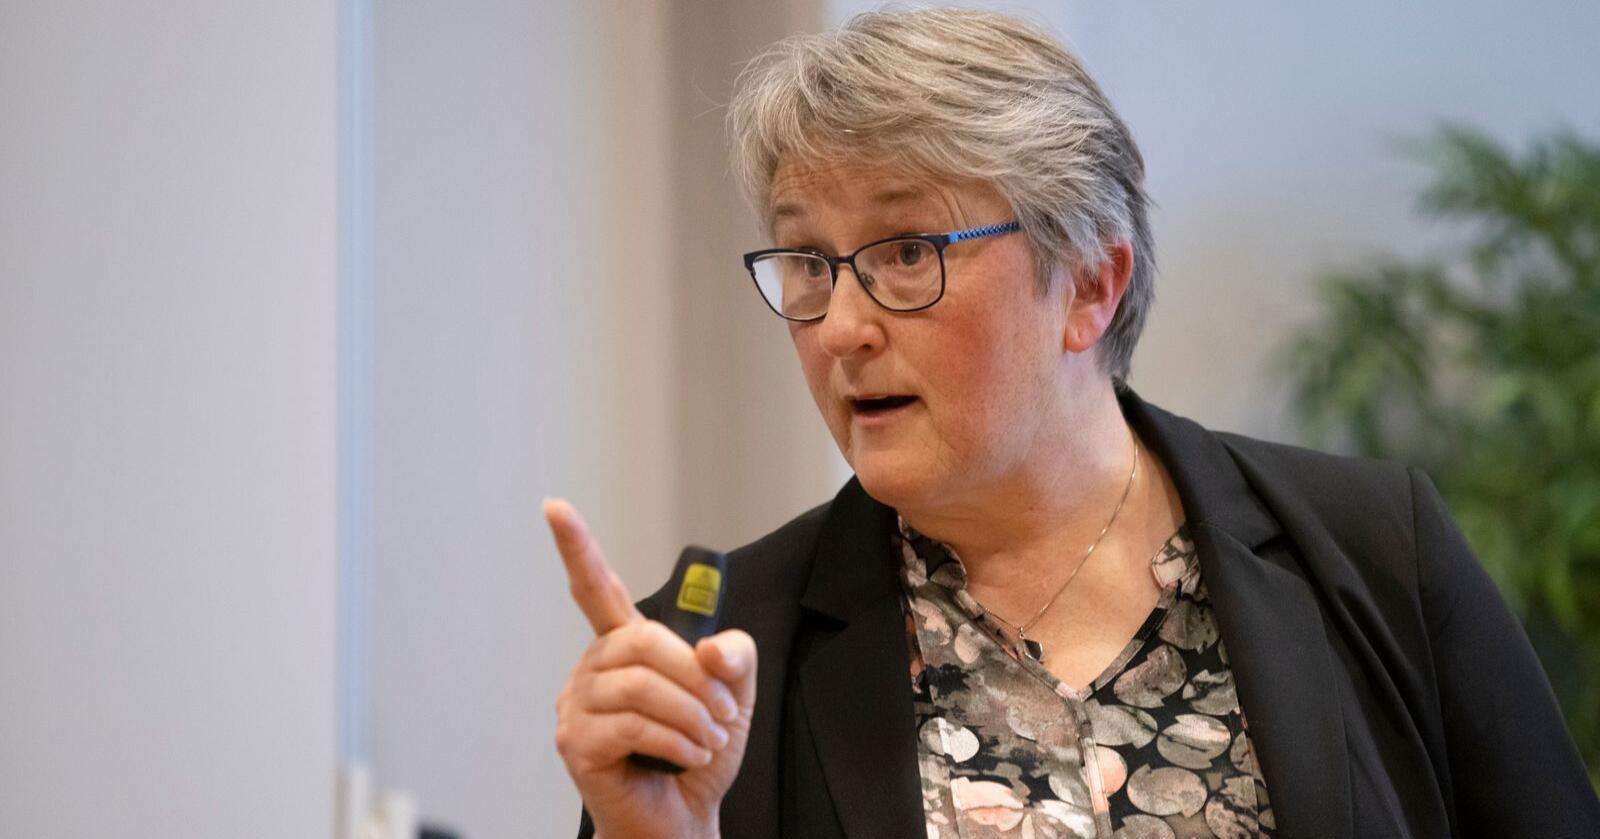 – Jeg er selvsagt skuffet og er ikke enig i dommen, sier leder Birgit Oline Kjerstad i Nei til vindkraft på Haramsøy. Foto: Svein Ove Ekornesvåg / NTB